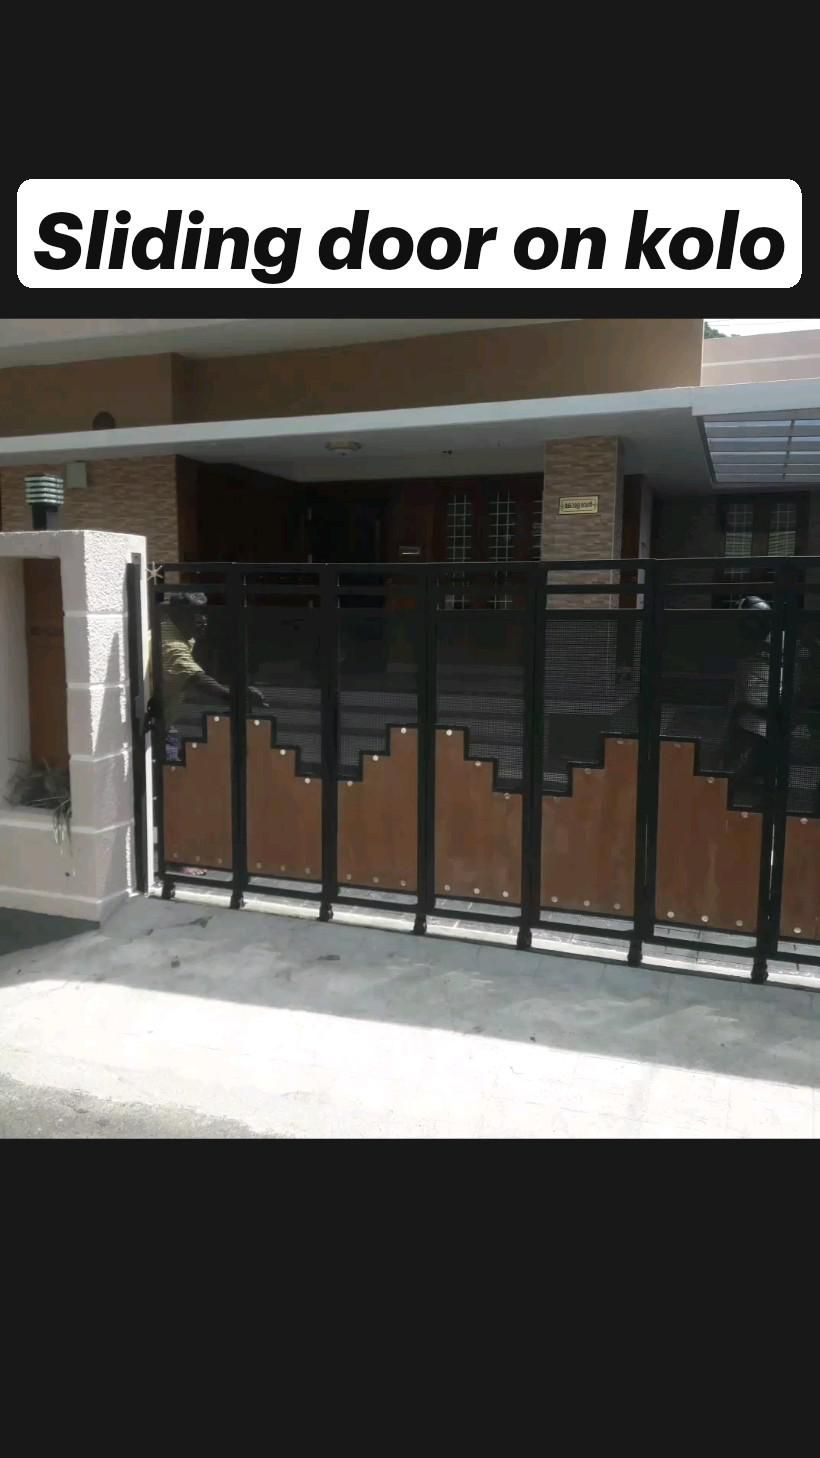 Sliding door on kolo